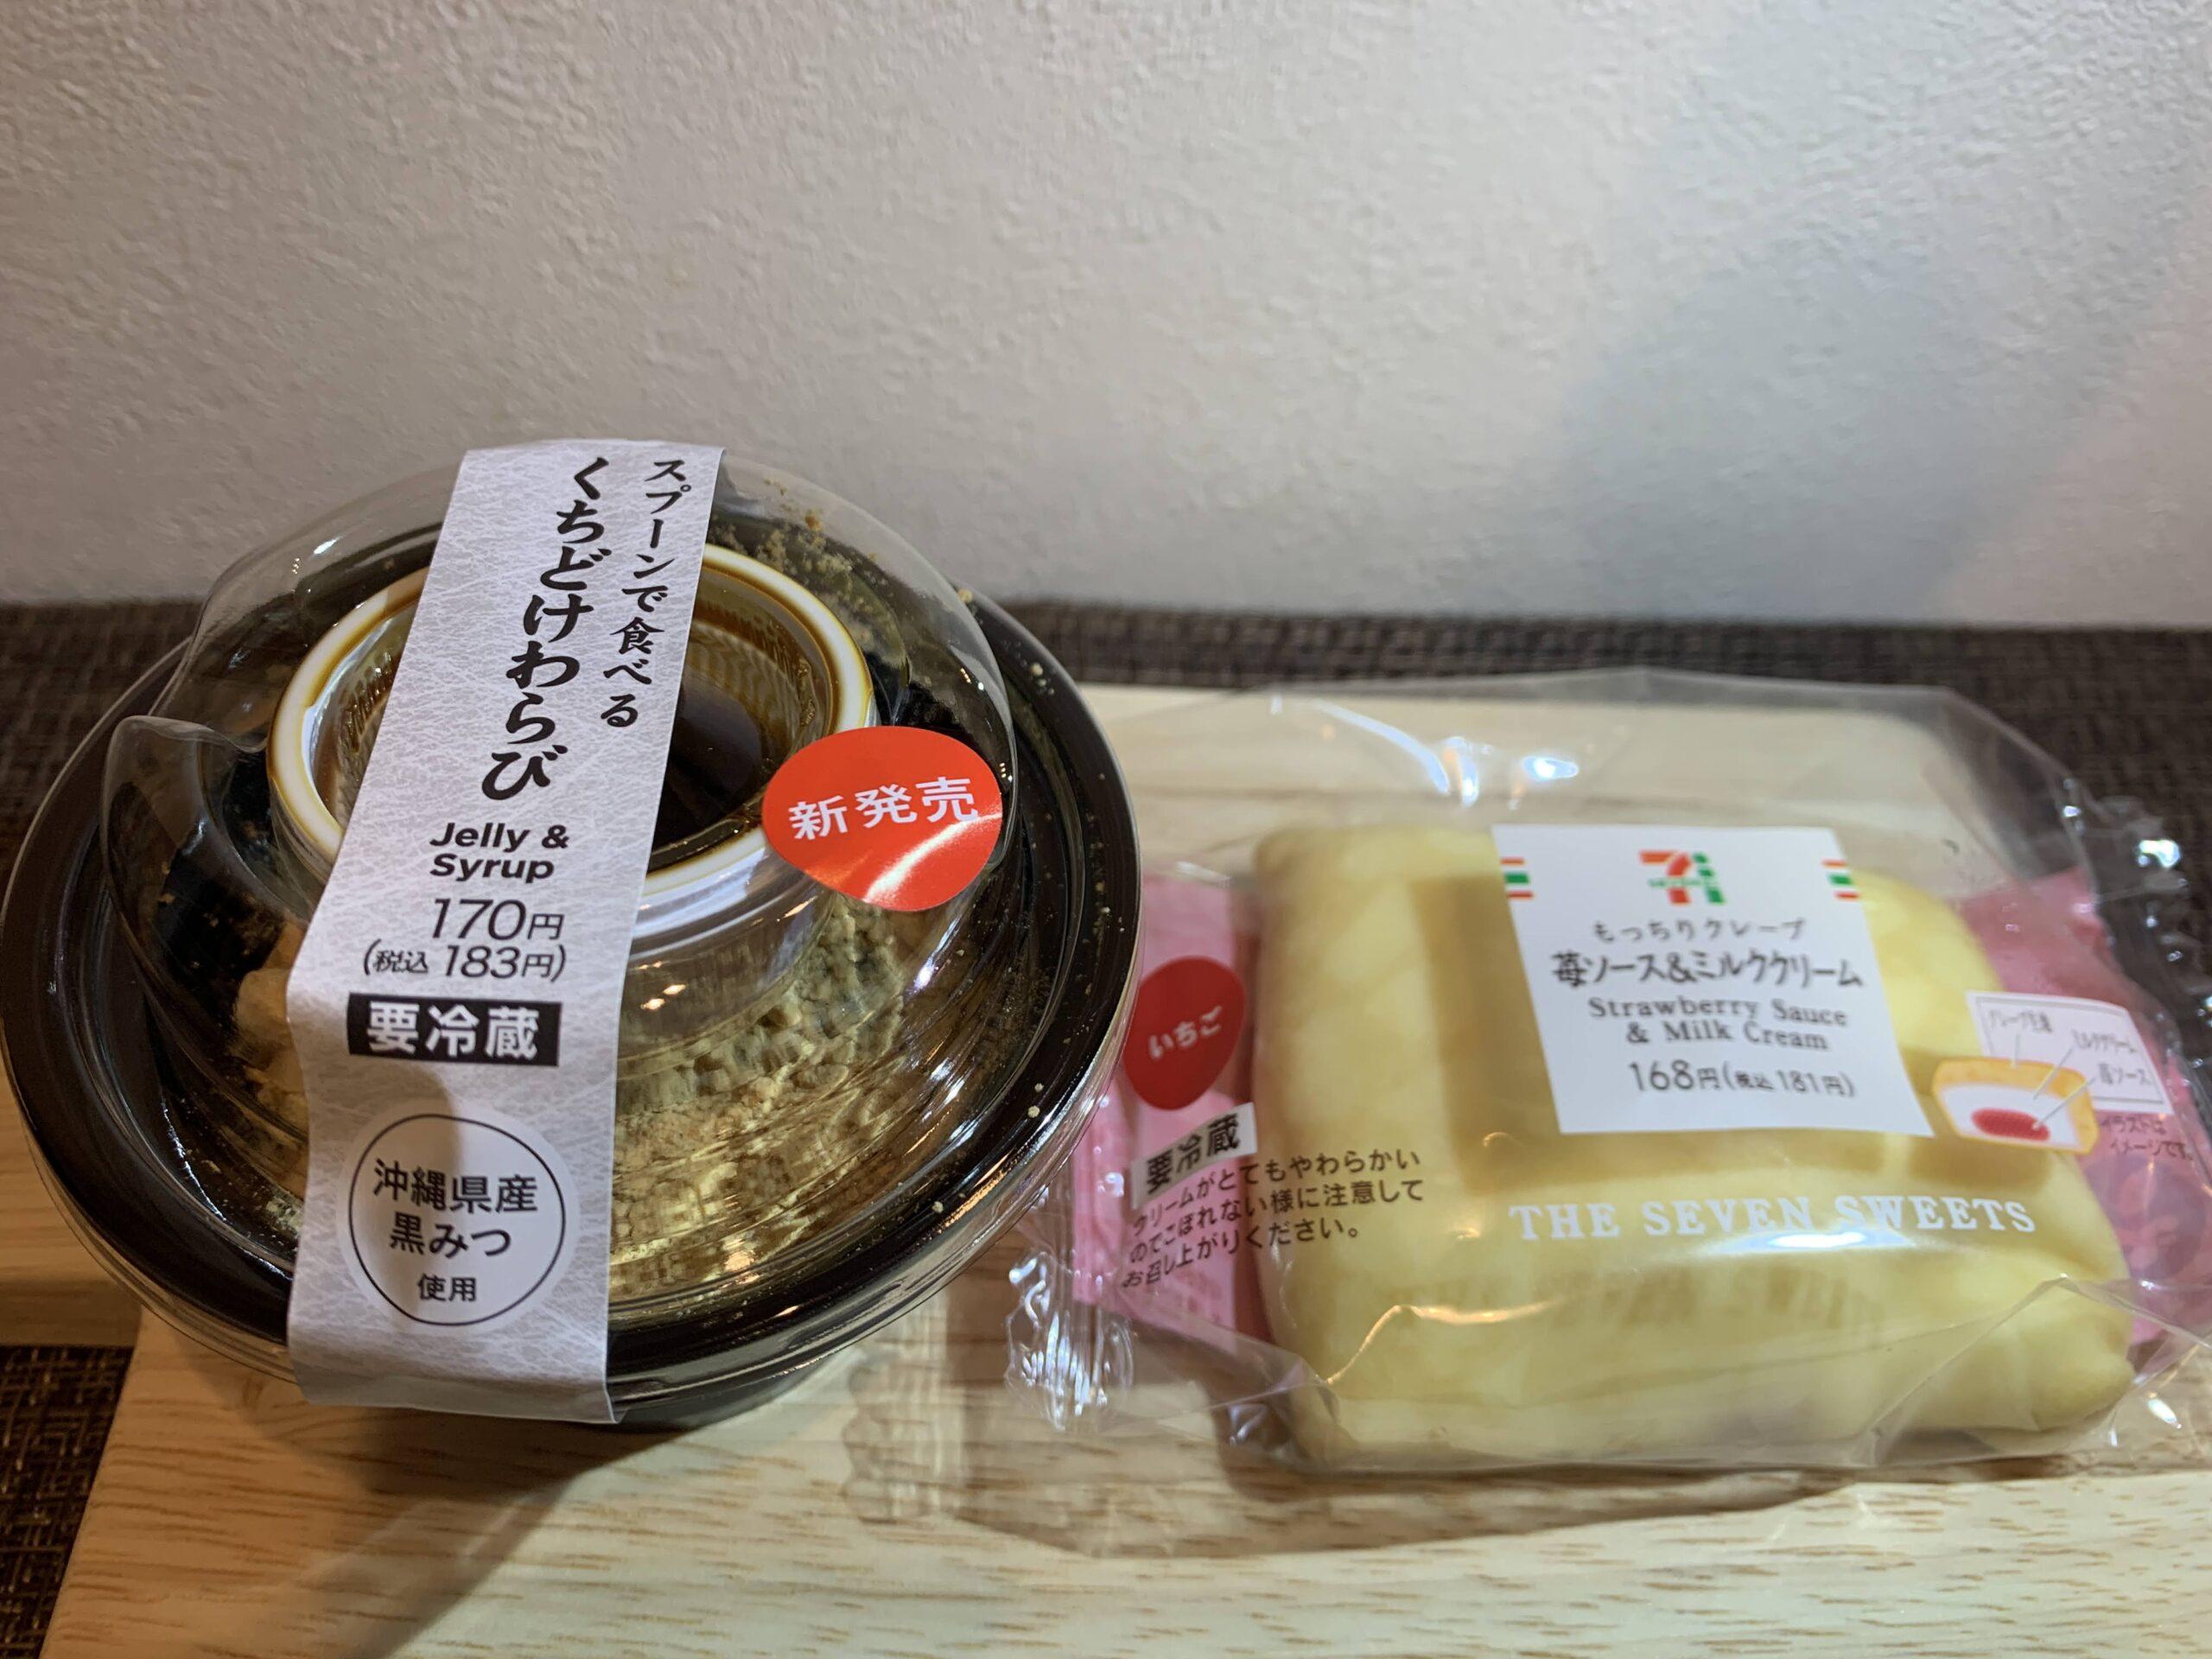 セブンスイーツ新商品:スプーンで食べるくちどけわらび&もっちりクレープ苺ソース&ミルククリーム